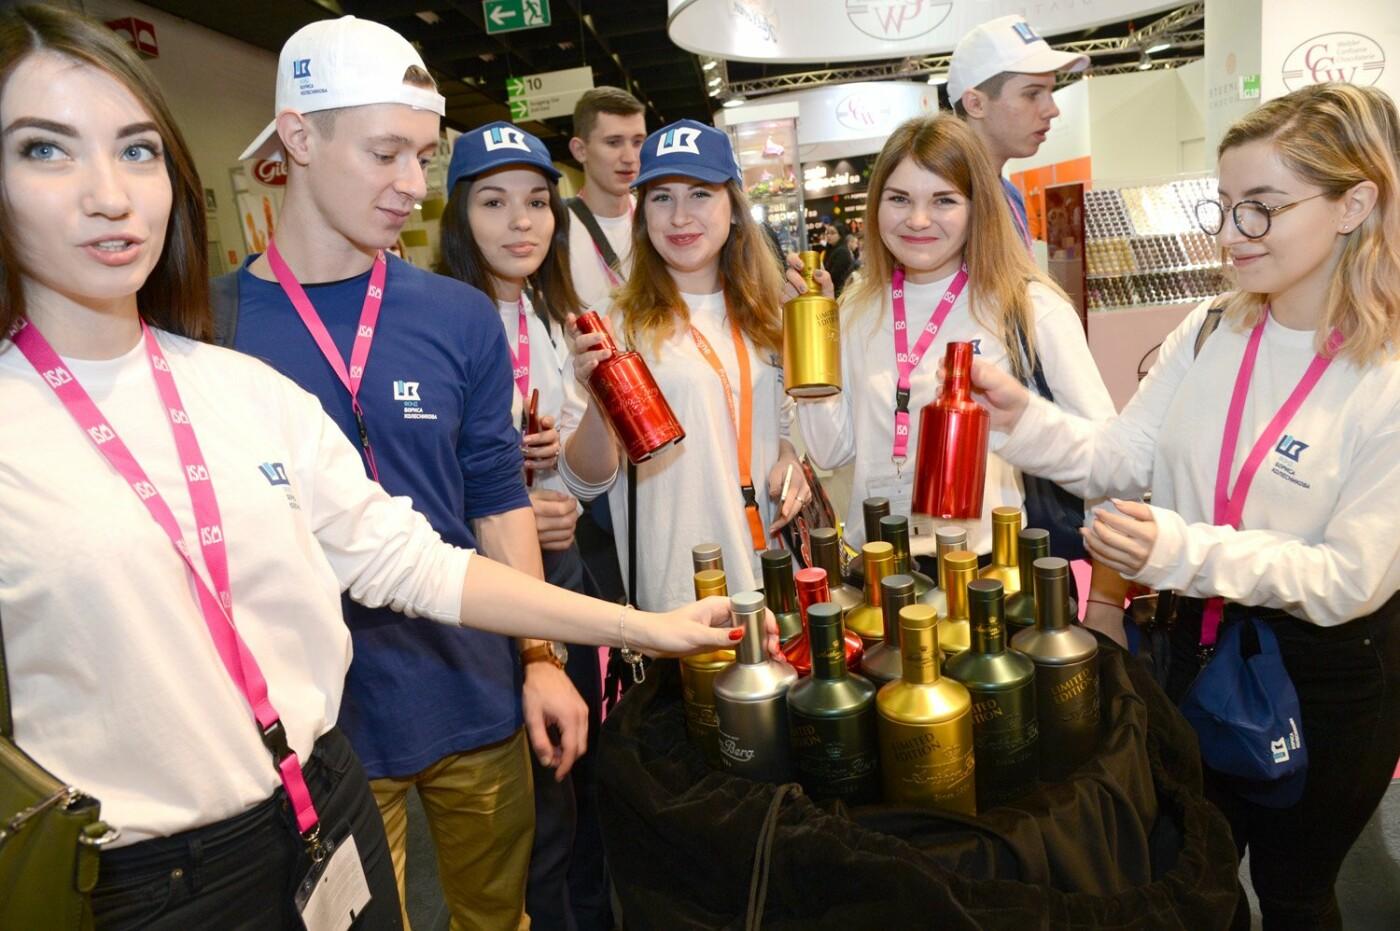 Харьковские студенты посетили крупнейший в мире кондитерский форум в Кельне, фото-2